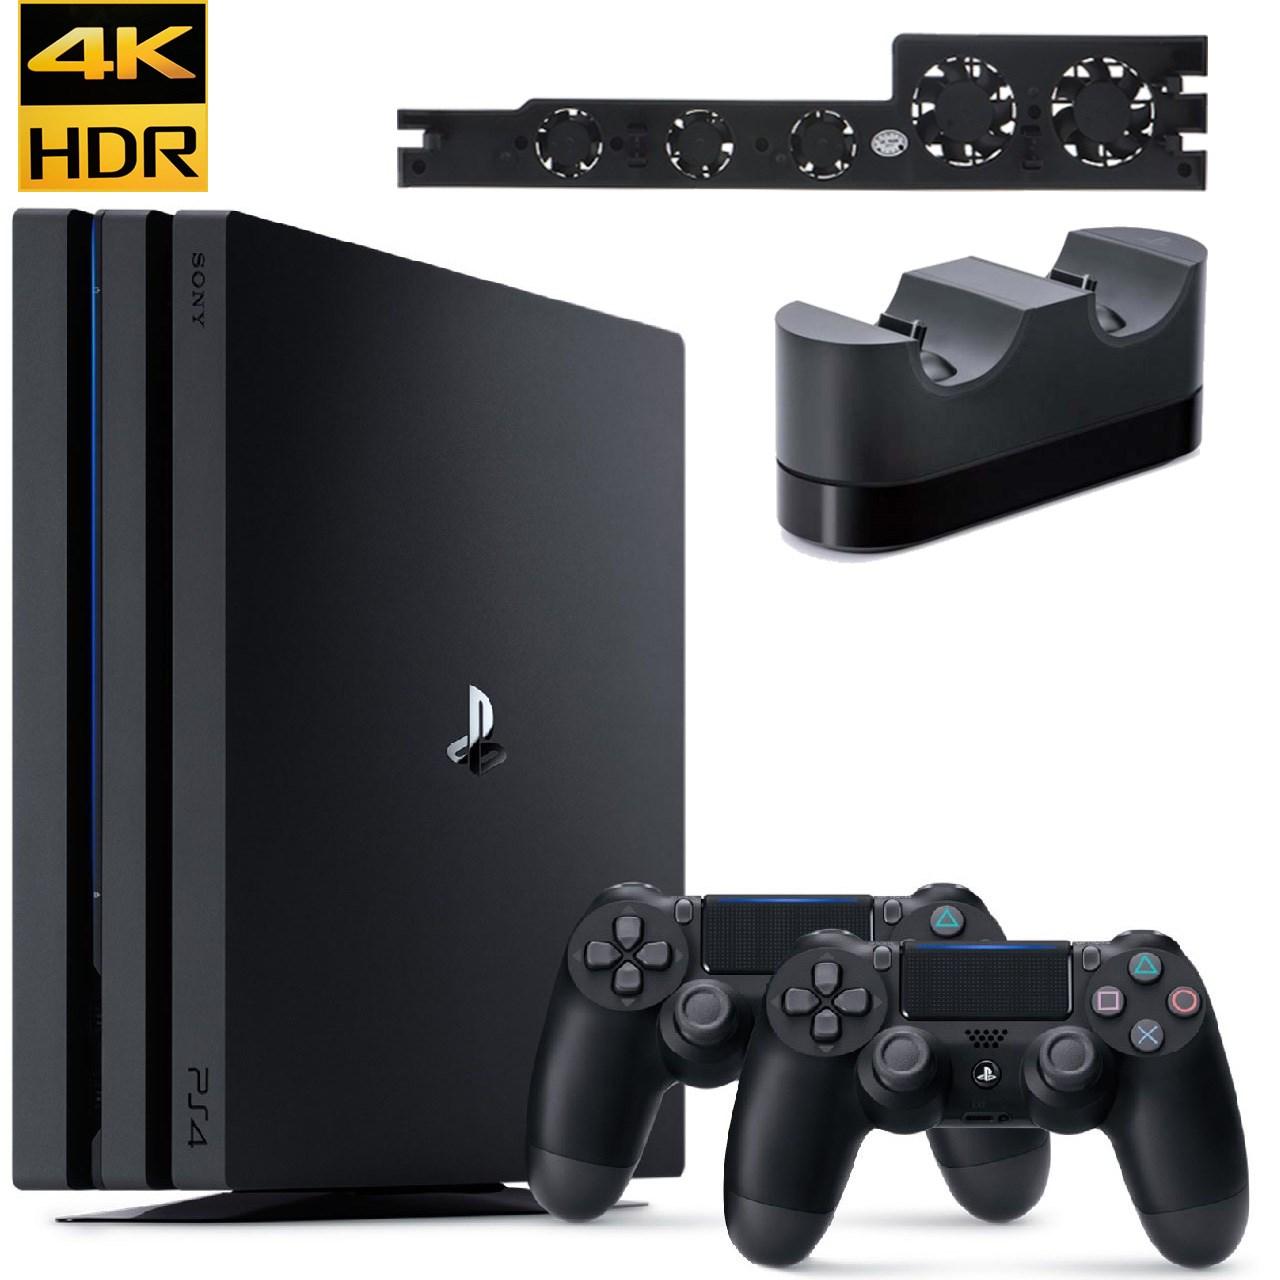 مجموعه کنسول بازی سونی مدل Playstation 4 Pro 2018 کد CUH-7216B Region 2 ظرفیت 1 ترابایت